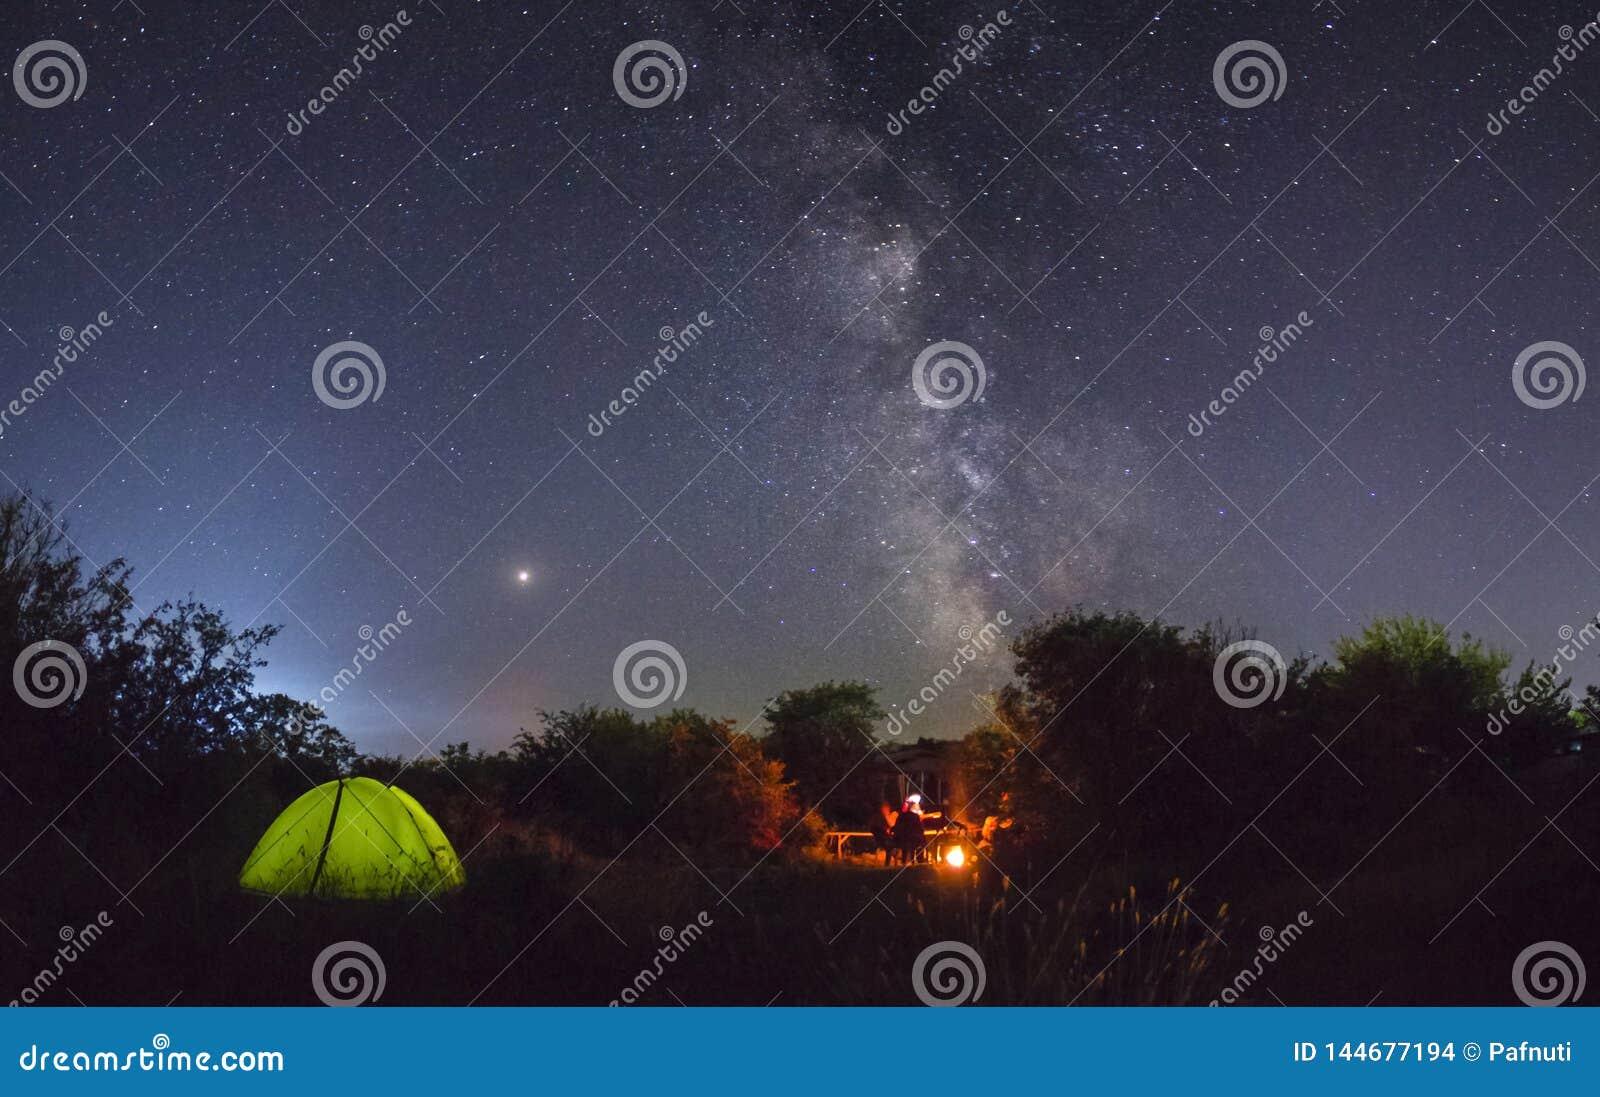 Noc camping Para turyści odpoczynek przy ognisko blisko iluminującym namiotem pod zadziwiającym nocnym niebem